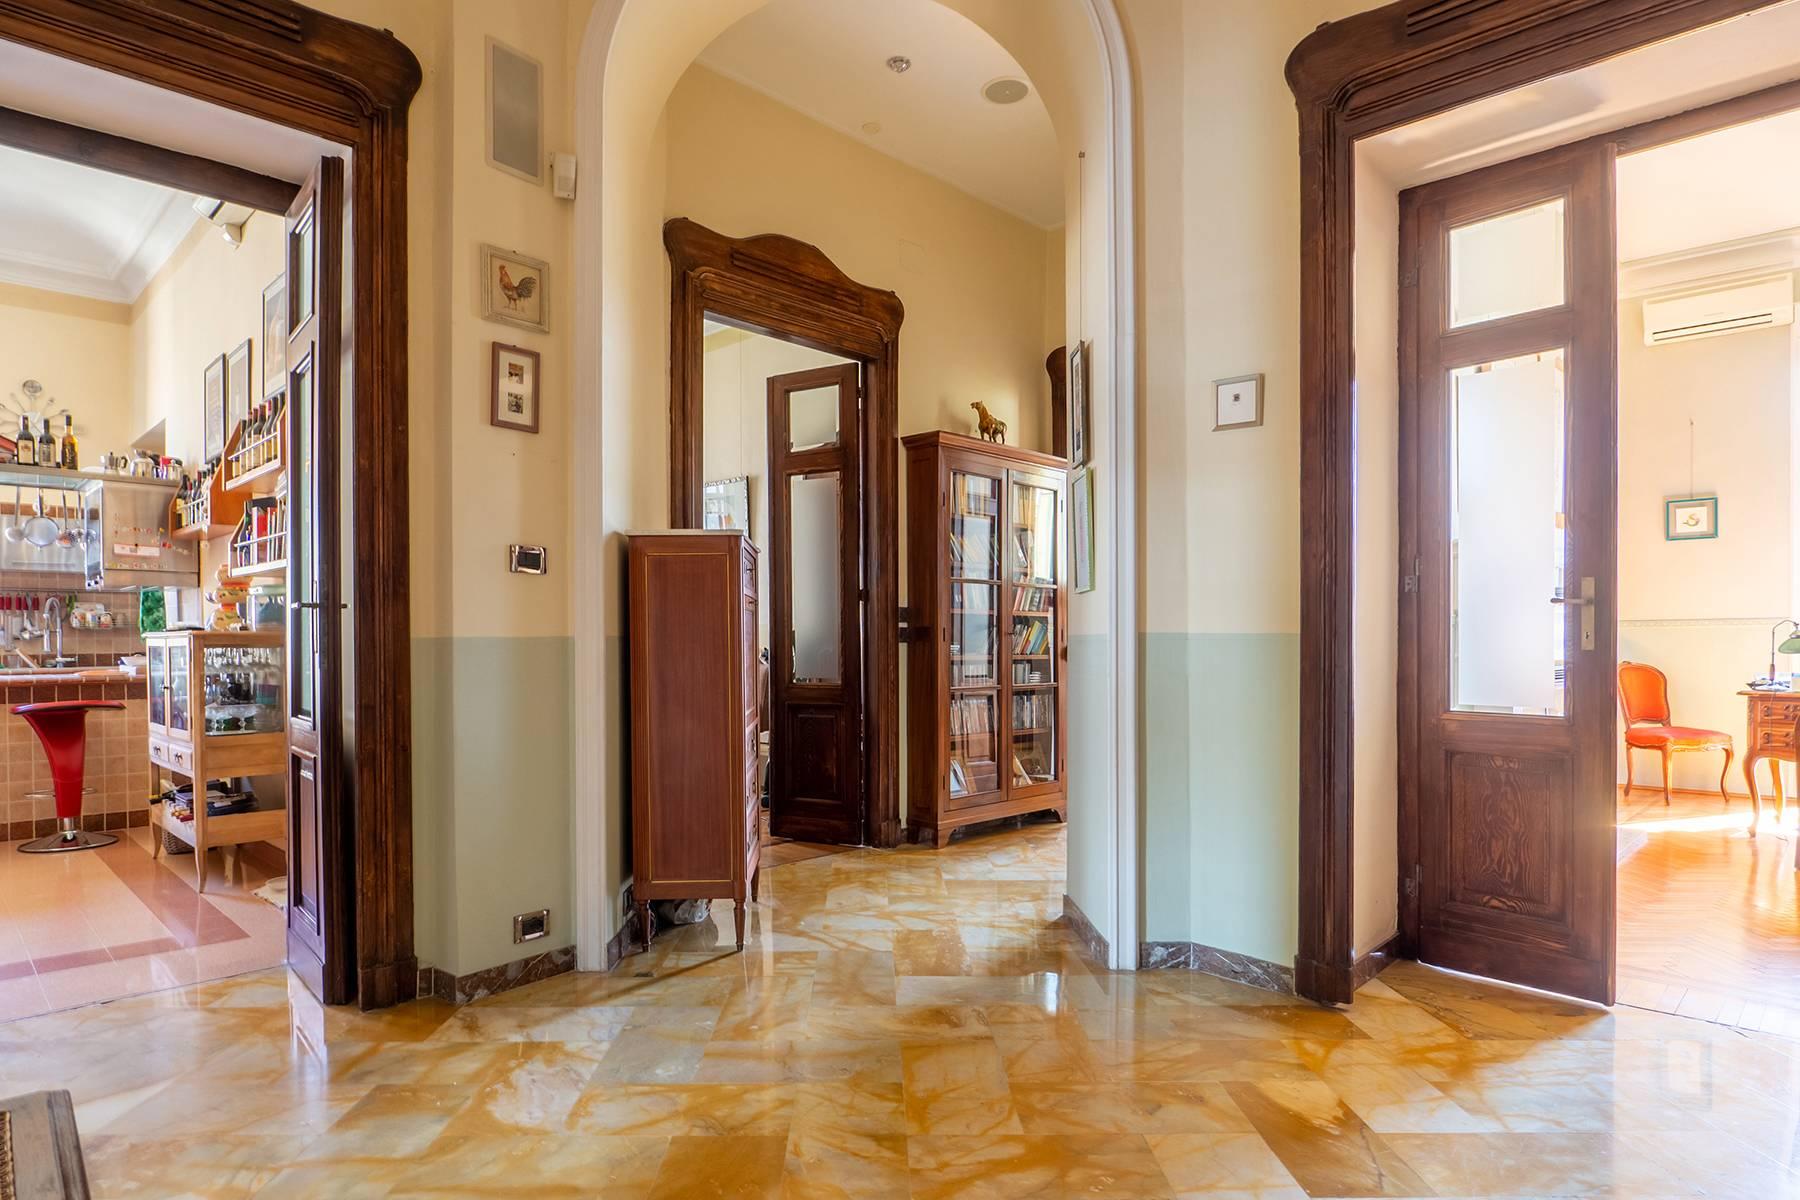 Appartamento in Vendita a Torino: 4 locali, 151 mq - Foto 3